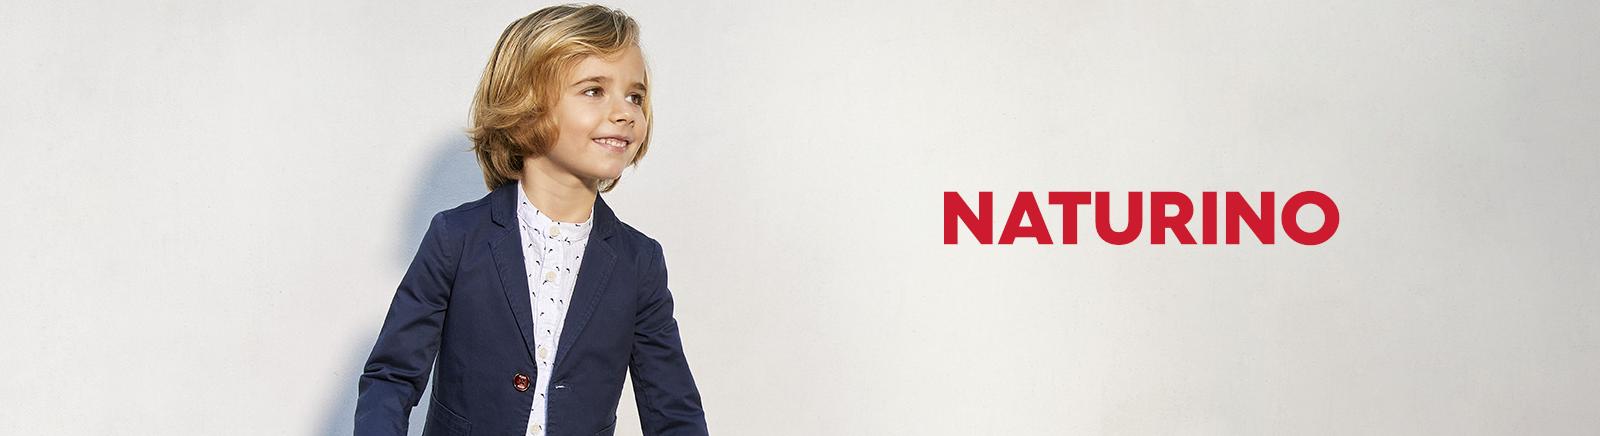 Juppen: Naturino/Falcotto Sneaker und Sportschuhe für Kinder online shoppen